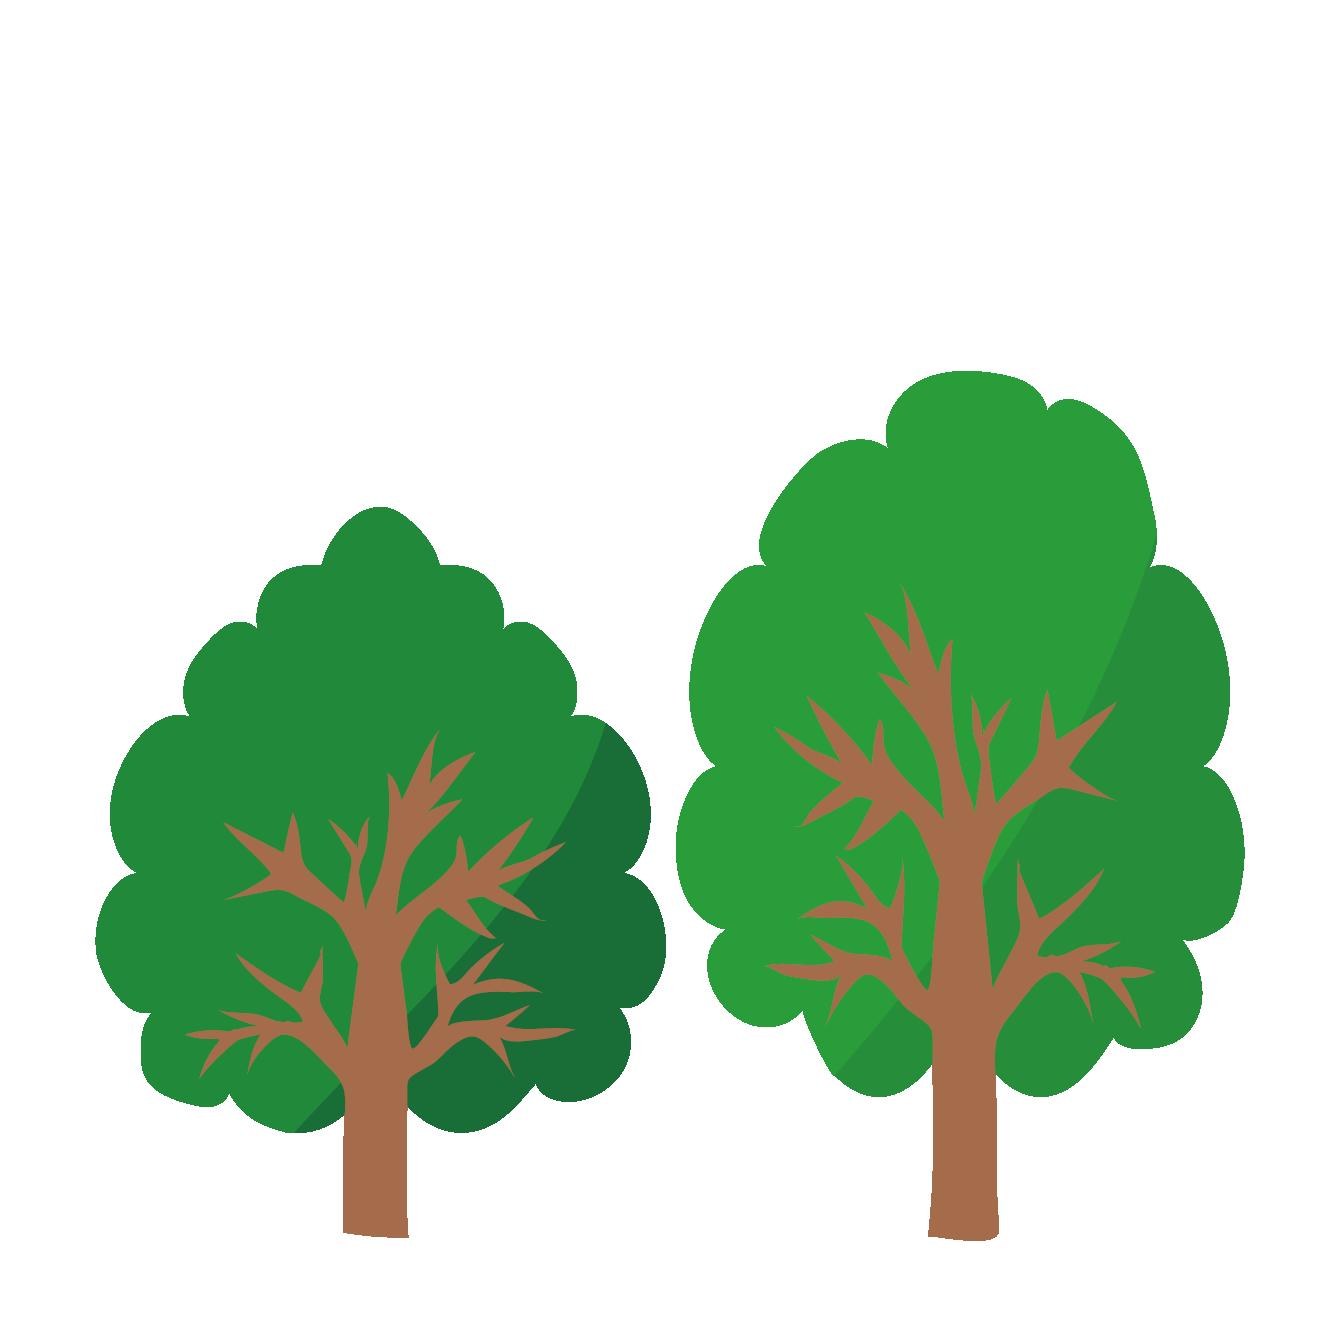 新緑木々木のイラスト 商用フリー無料のイラスト素材なら